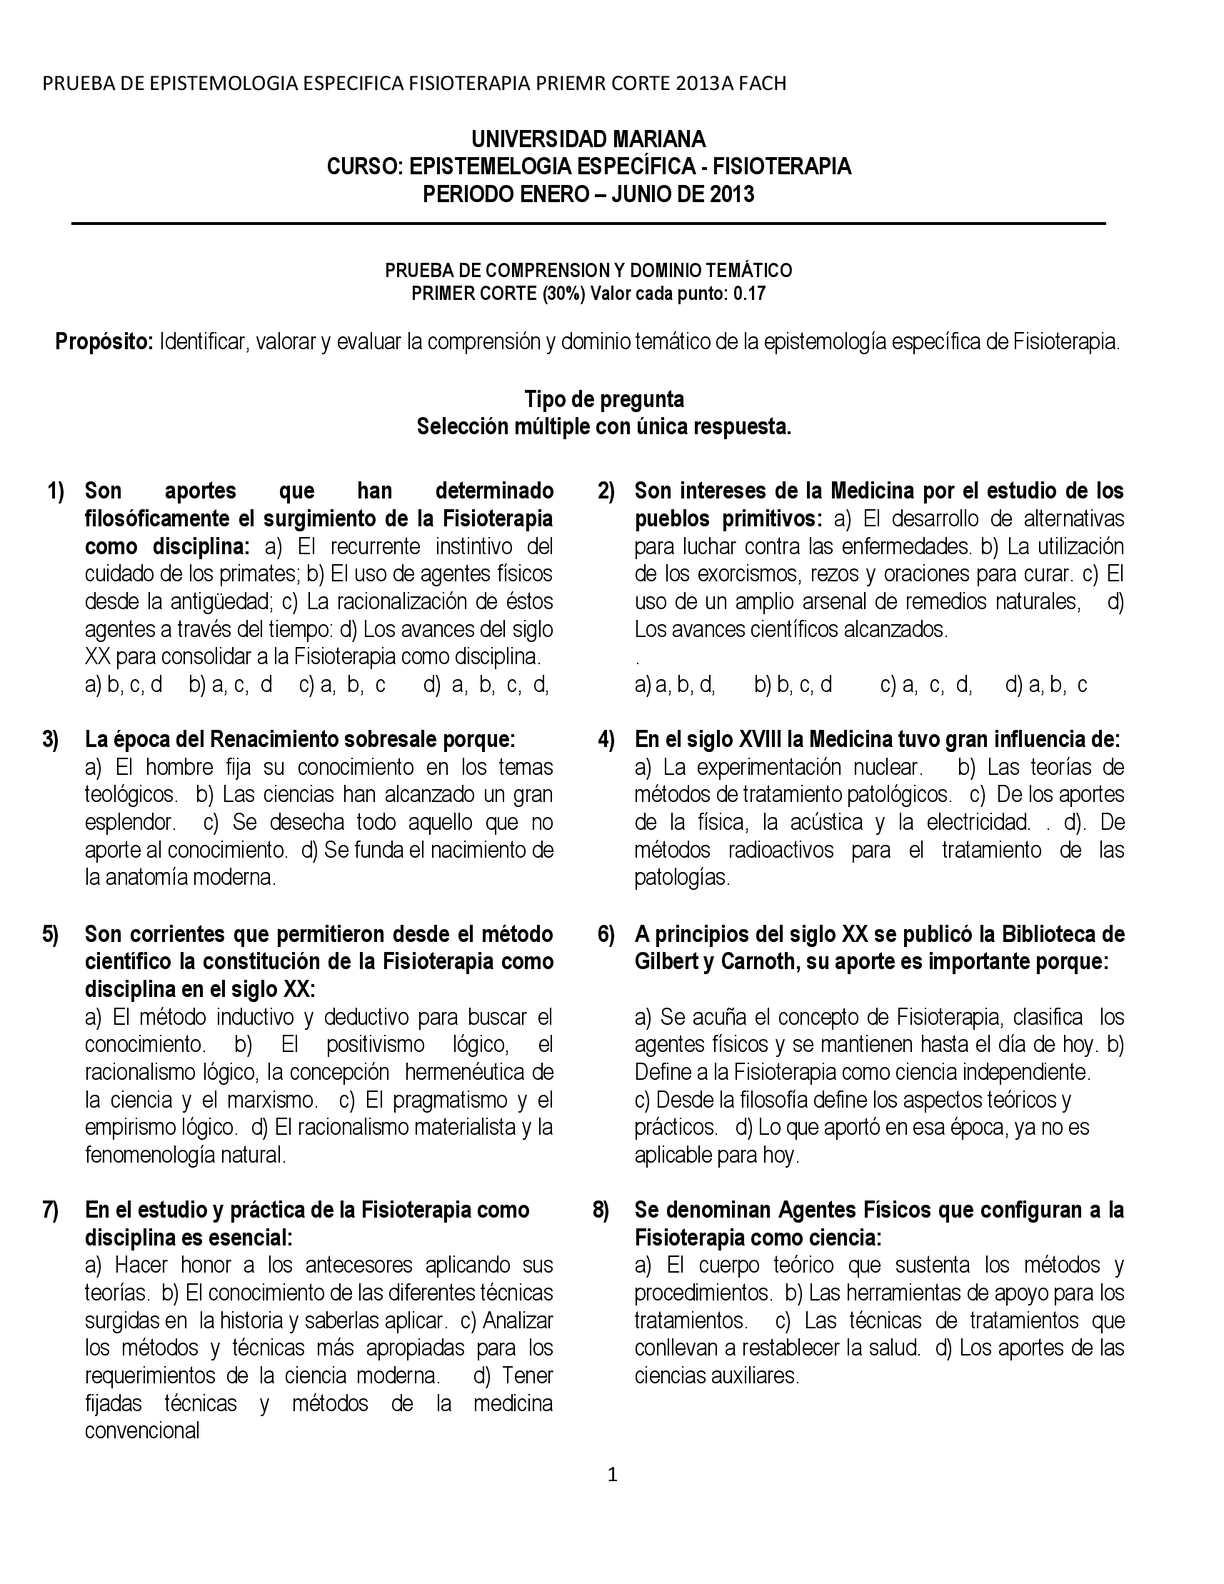 Calaméo - Test EPISTEMOLOGIA 1 CORTE FISIOTERAPIA